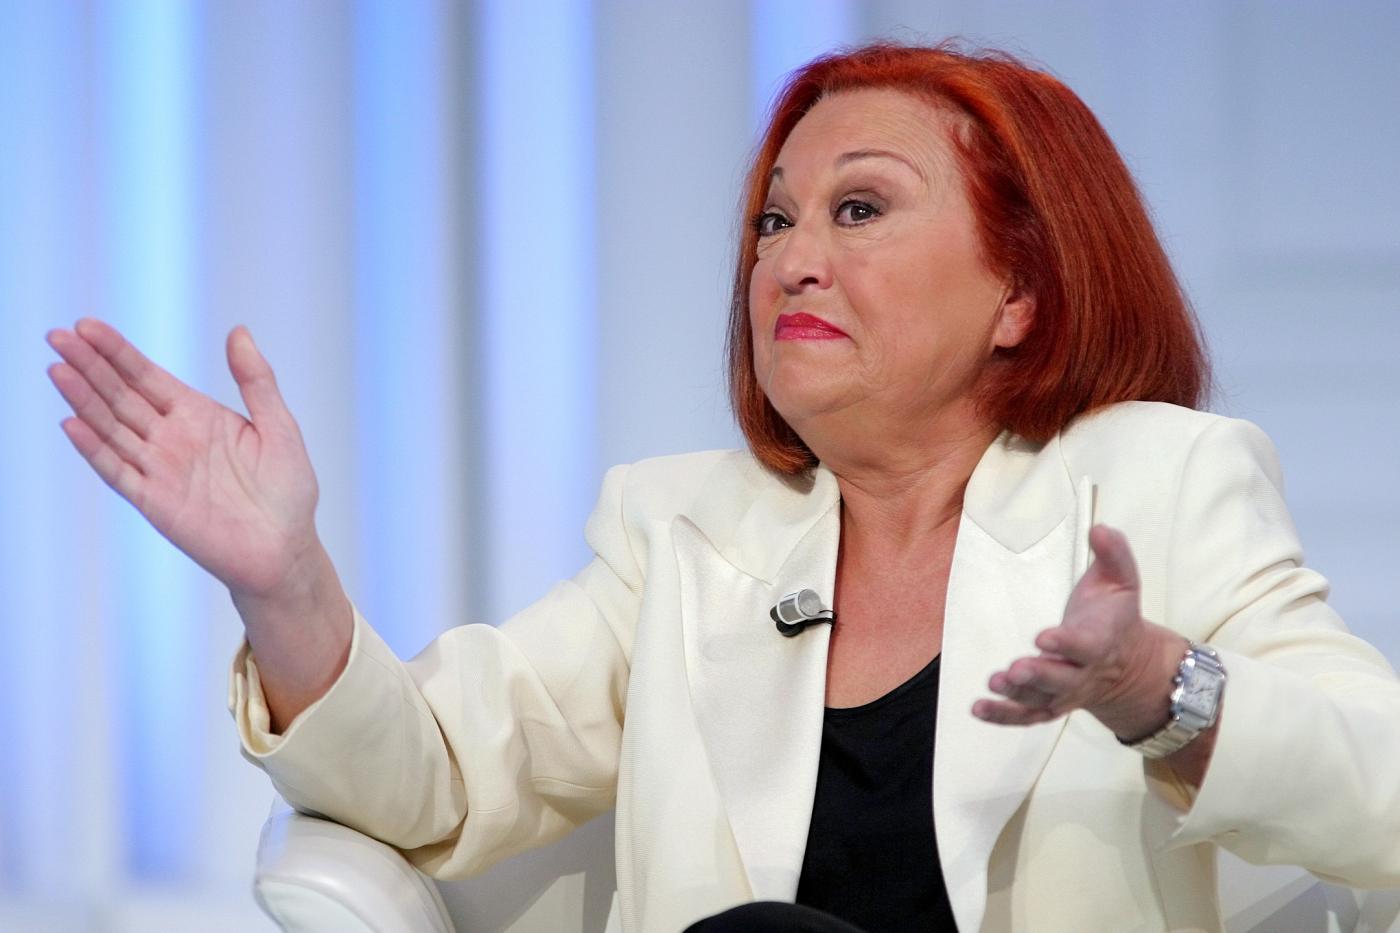 Vanna Marchi derubata: i ladri le prendono la borsa al bar in cui lavora